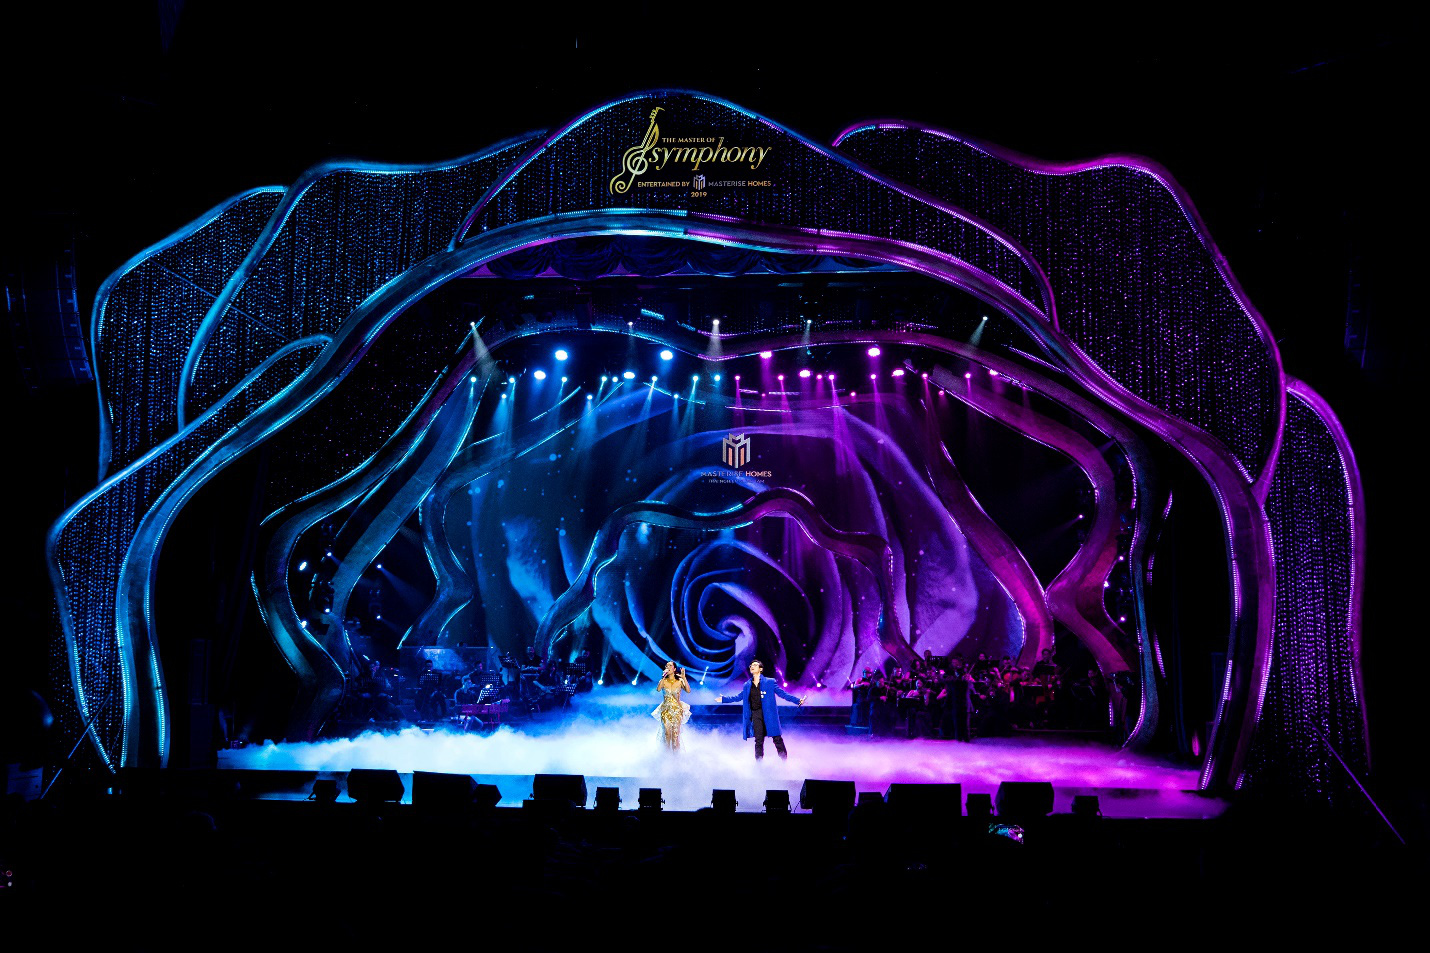 The Master Of Symphony 2019 chinh phục khán giả với các tiết mục trình diễn đỉnh cao và ấn tượng - Ảnh 8.